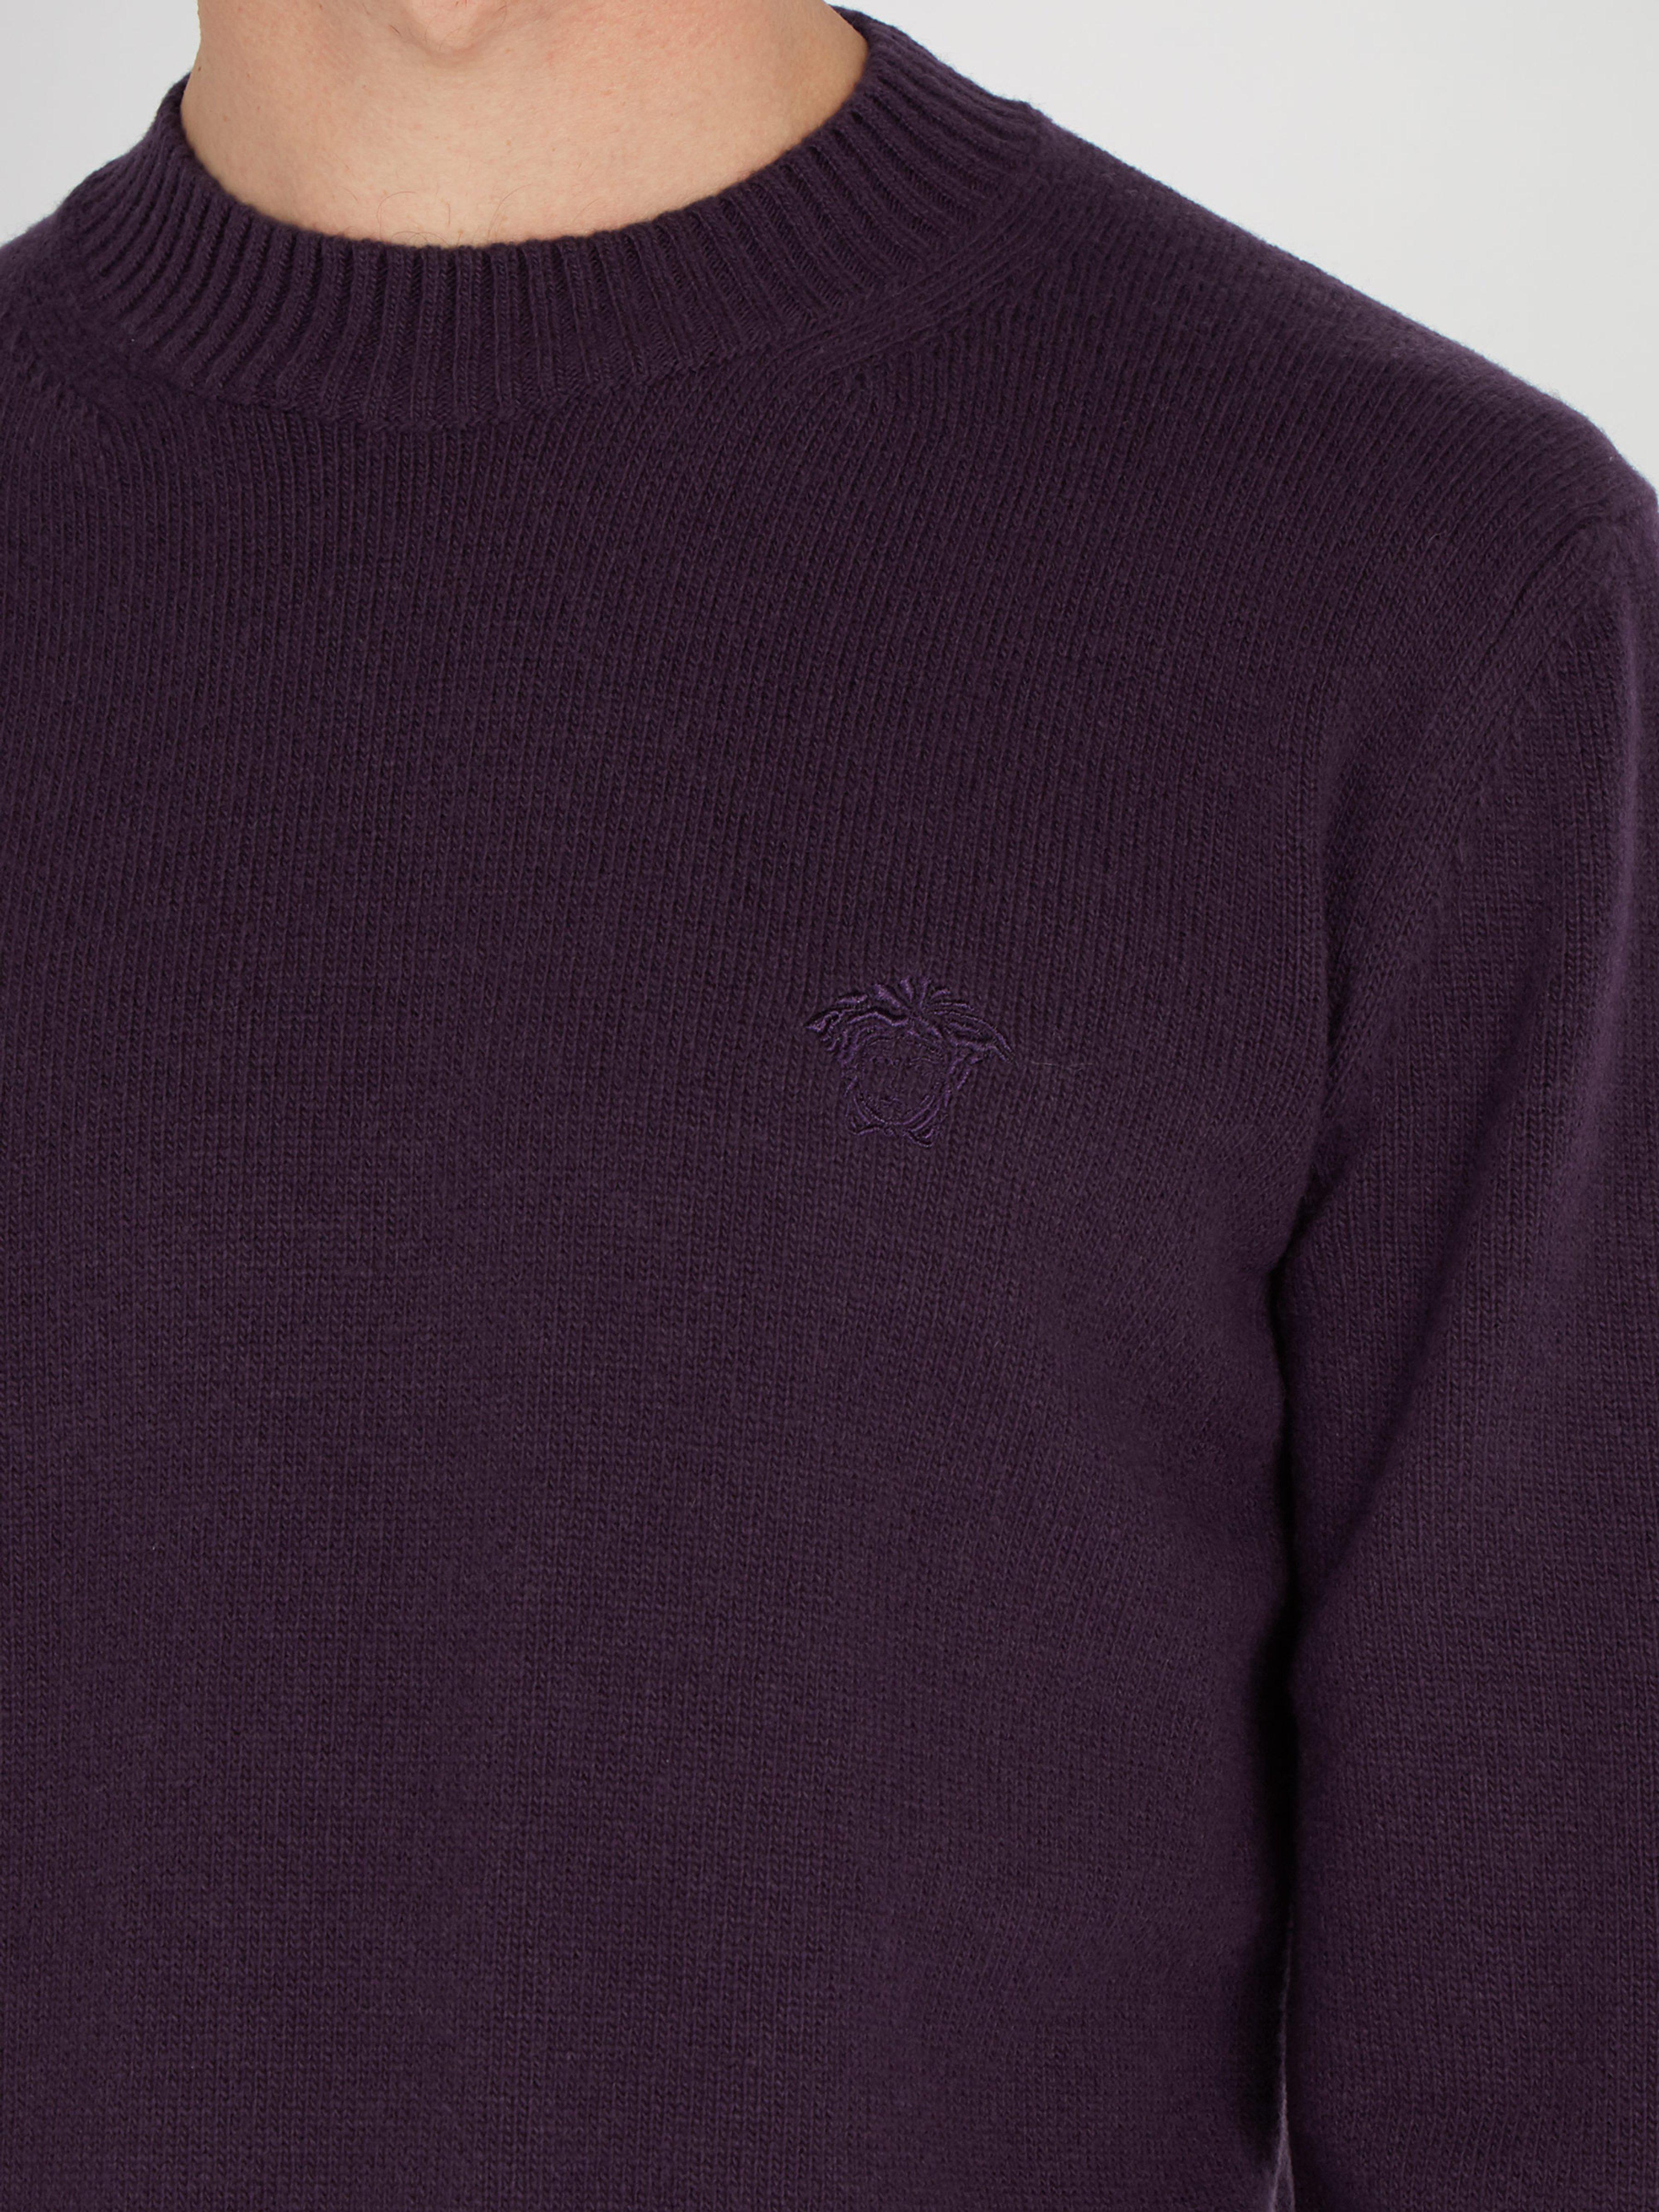 lana de Medusa Lyst Versace hombres bordado para suéter Purple qH6xFw cc8c2276e500